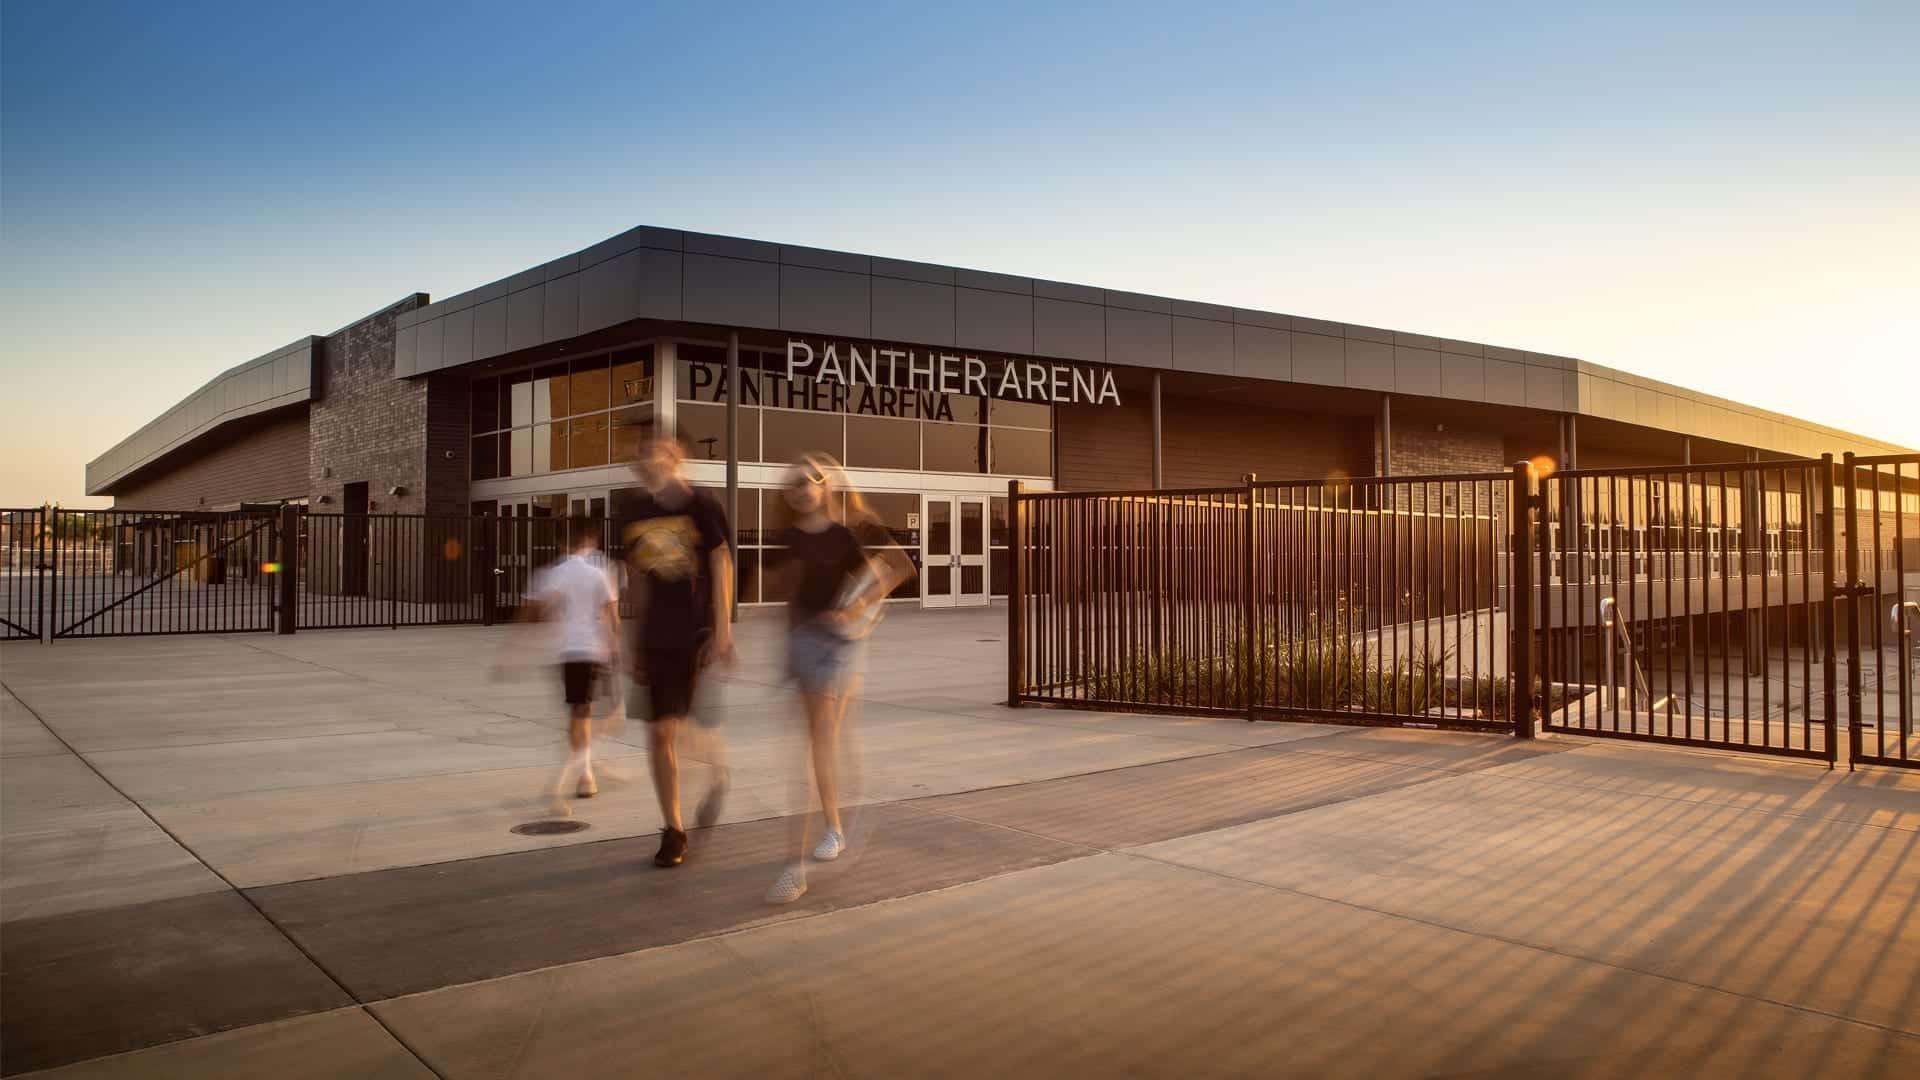 Panther Arena